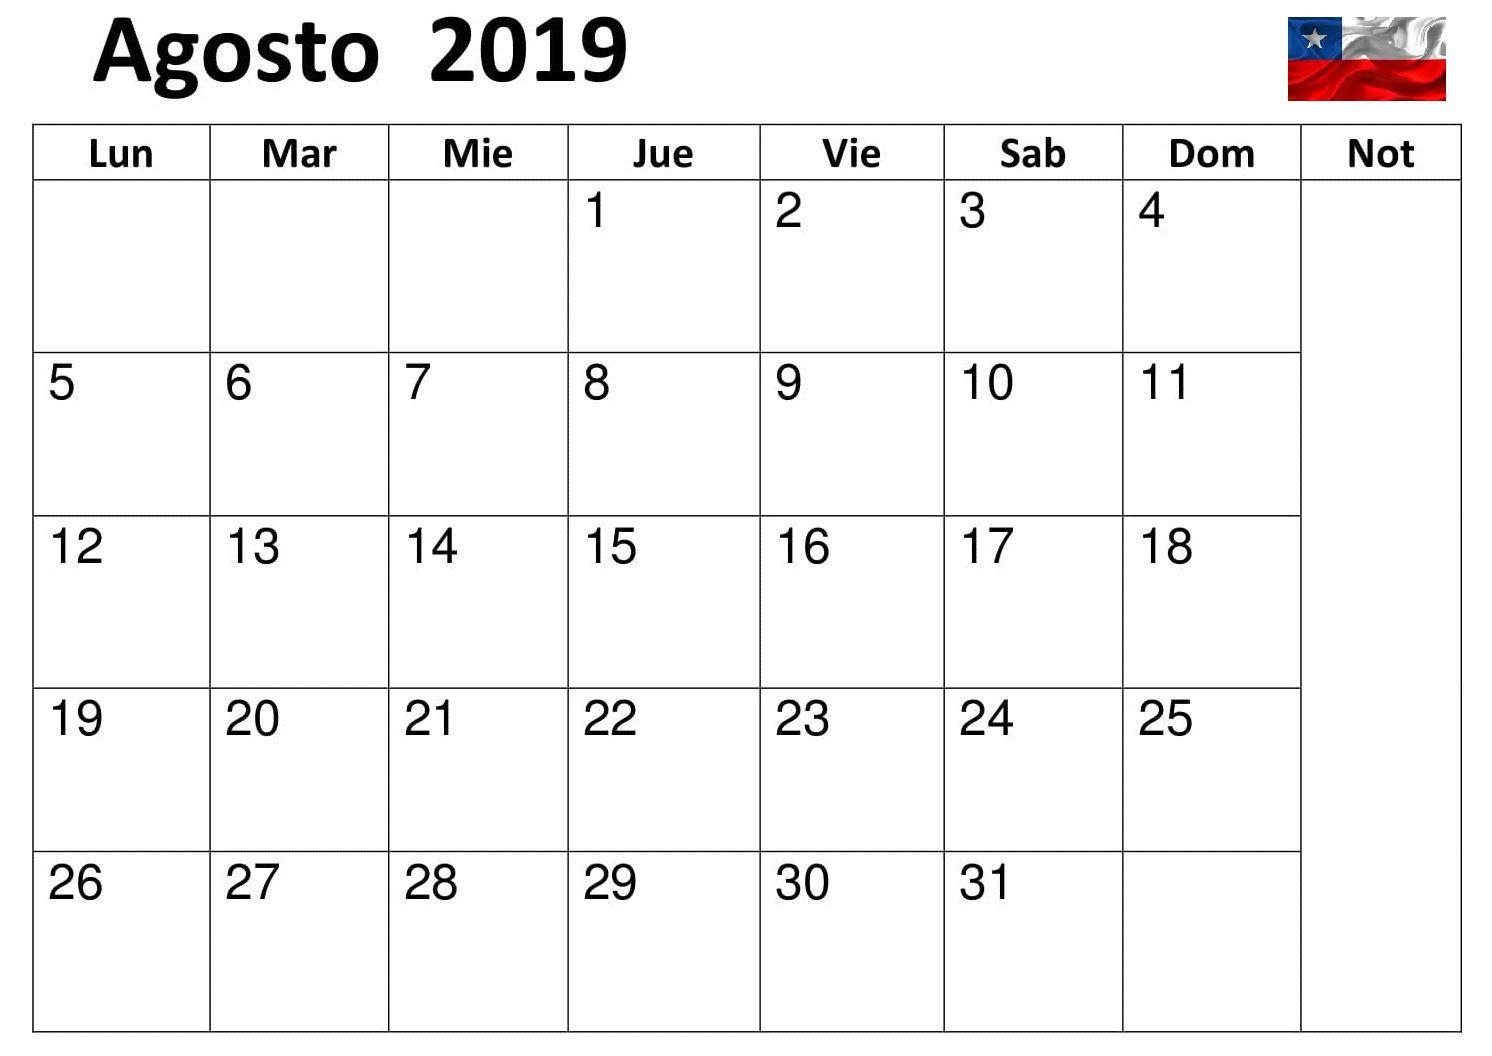 Calendario De Agosto 2019 Chile.Calendario Agosto Mes 2019 Chile Cuadro Mensual Negocios